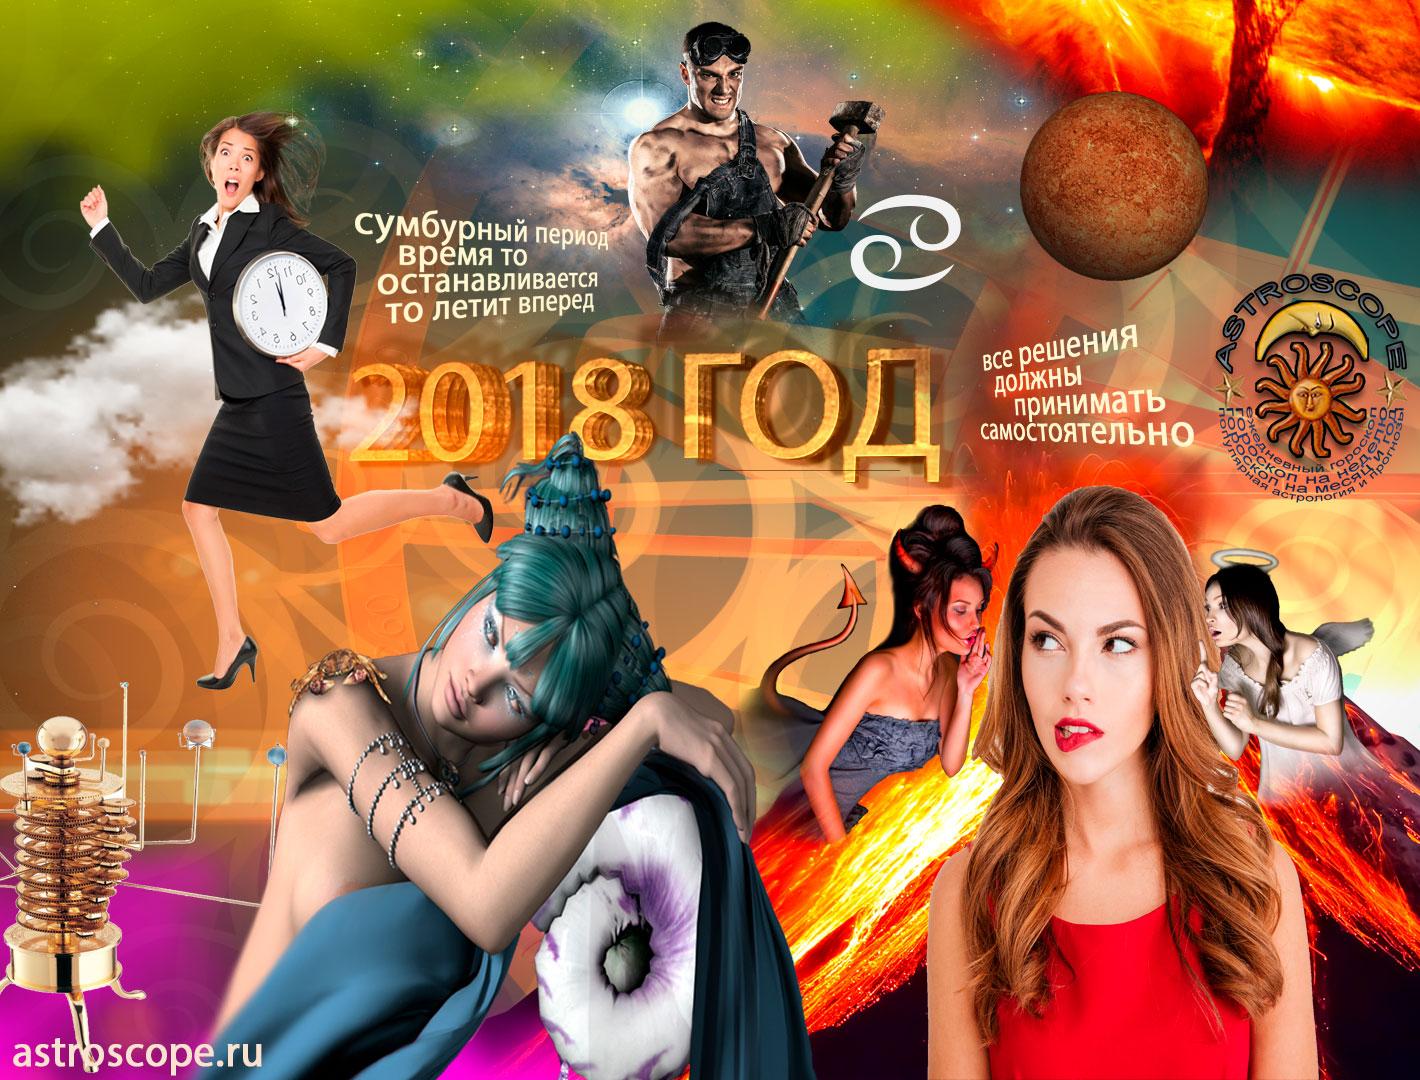 Гороскоп на 2018 Рак, что ждёт Раков в 2018 году